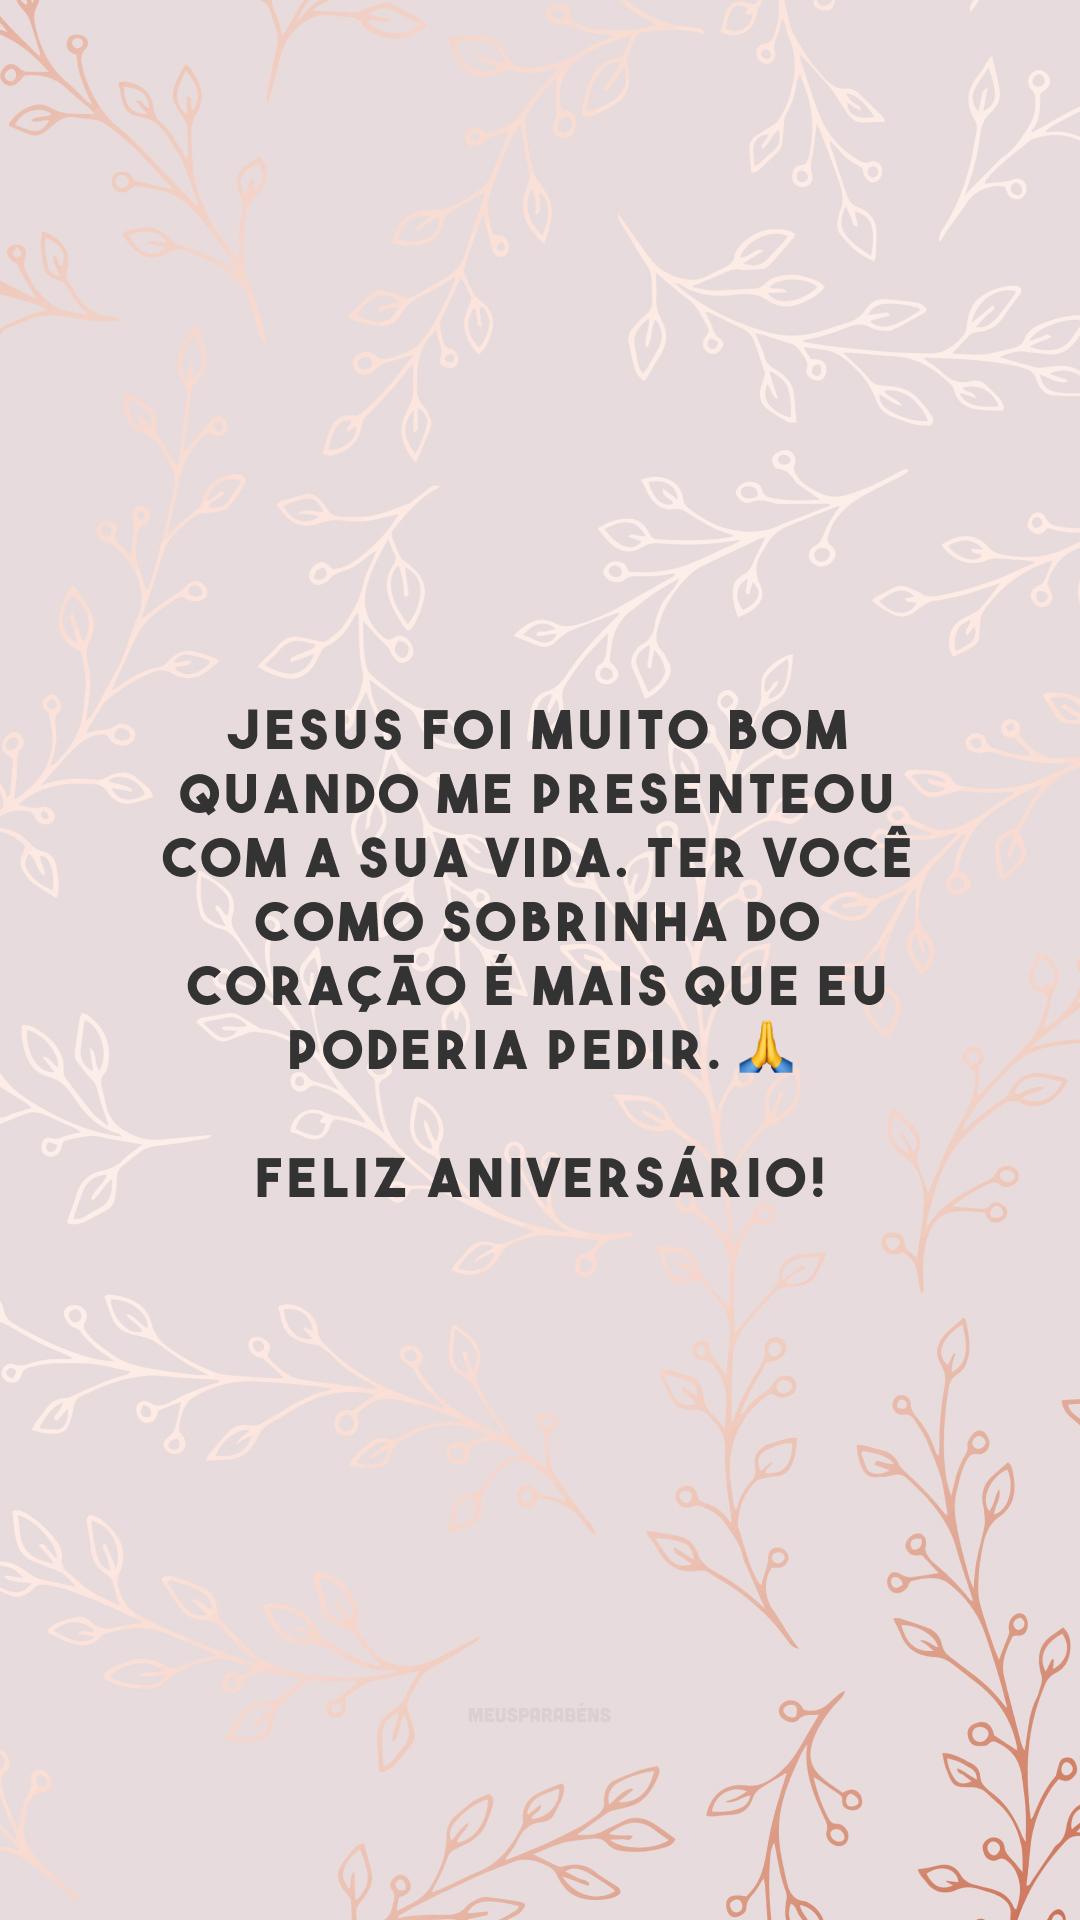 Jesus foi muito bom quando me presenteou com a sua vida. Ter você como sobrinha do coração é mais que eu poderia pedir. 🙏 Feliz aniversário!